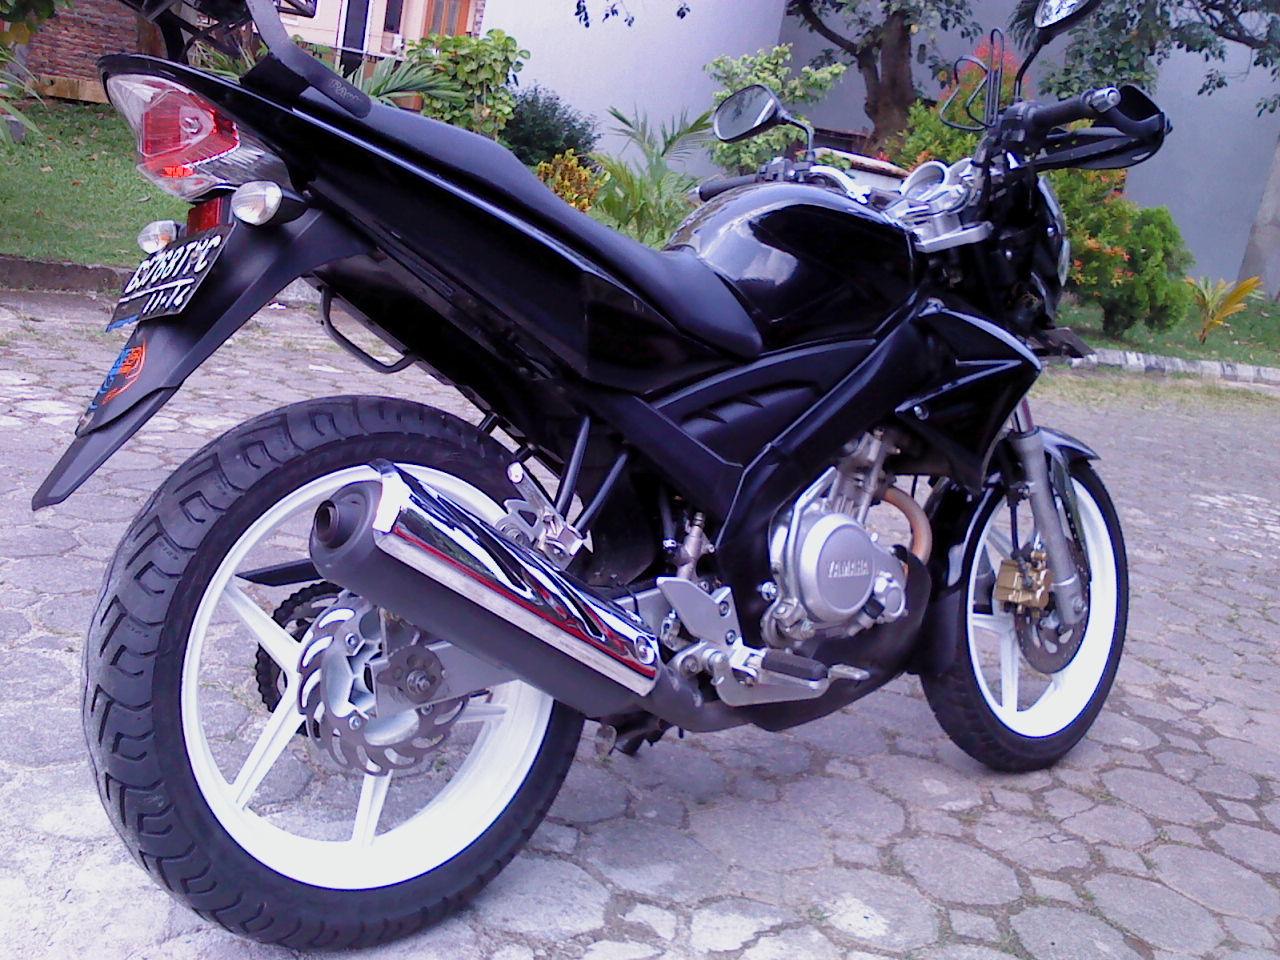 Bengkel Modifikasi Motor Vario In Surabaya Modifikasi Motor Terbaru